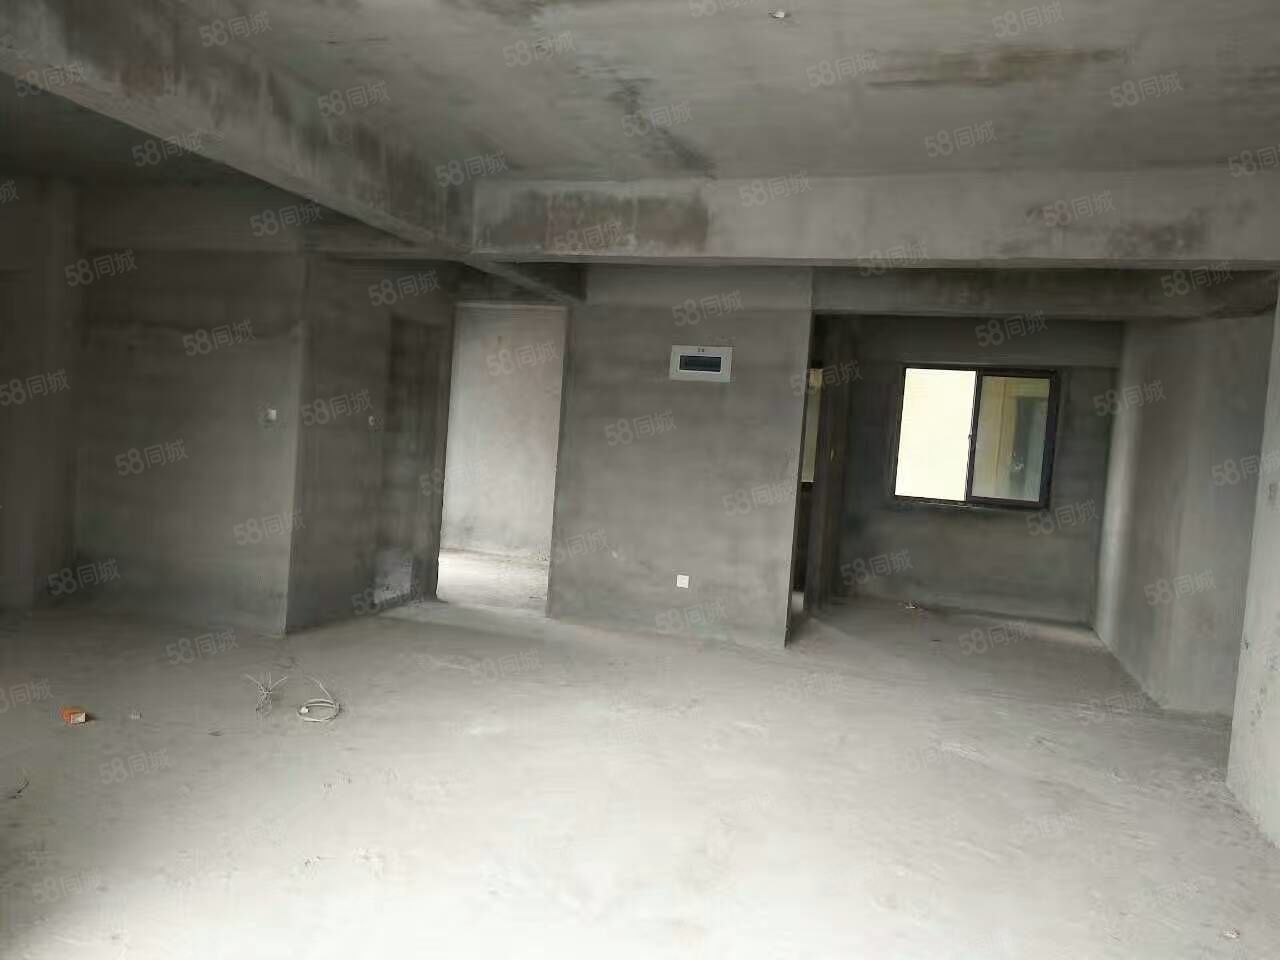 安溪茗都华苑3室2厅2卫2阳78万